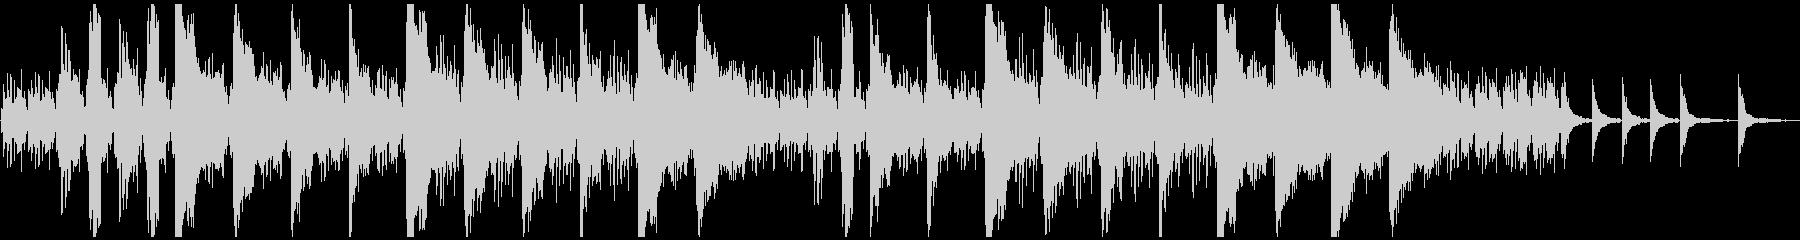 ピアノとストリングスのホラー系BGMの未再生の波形